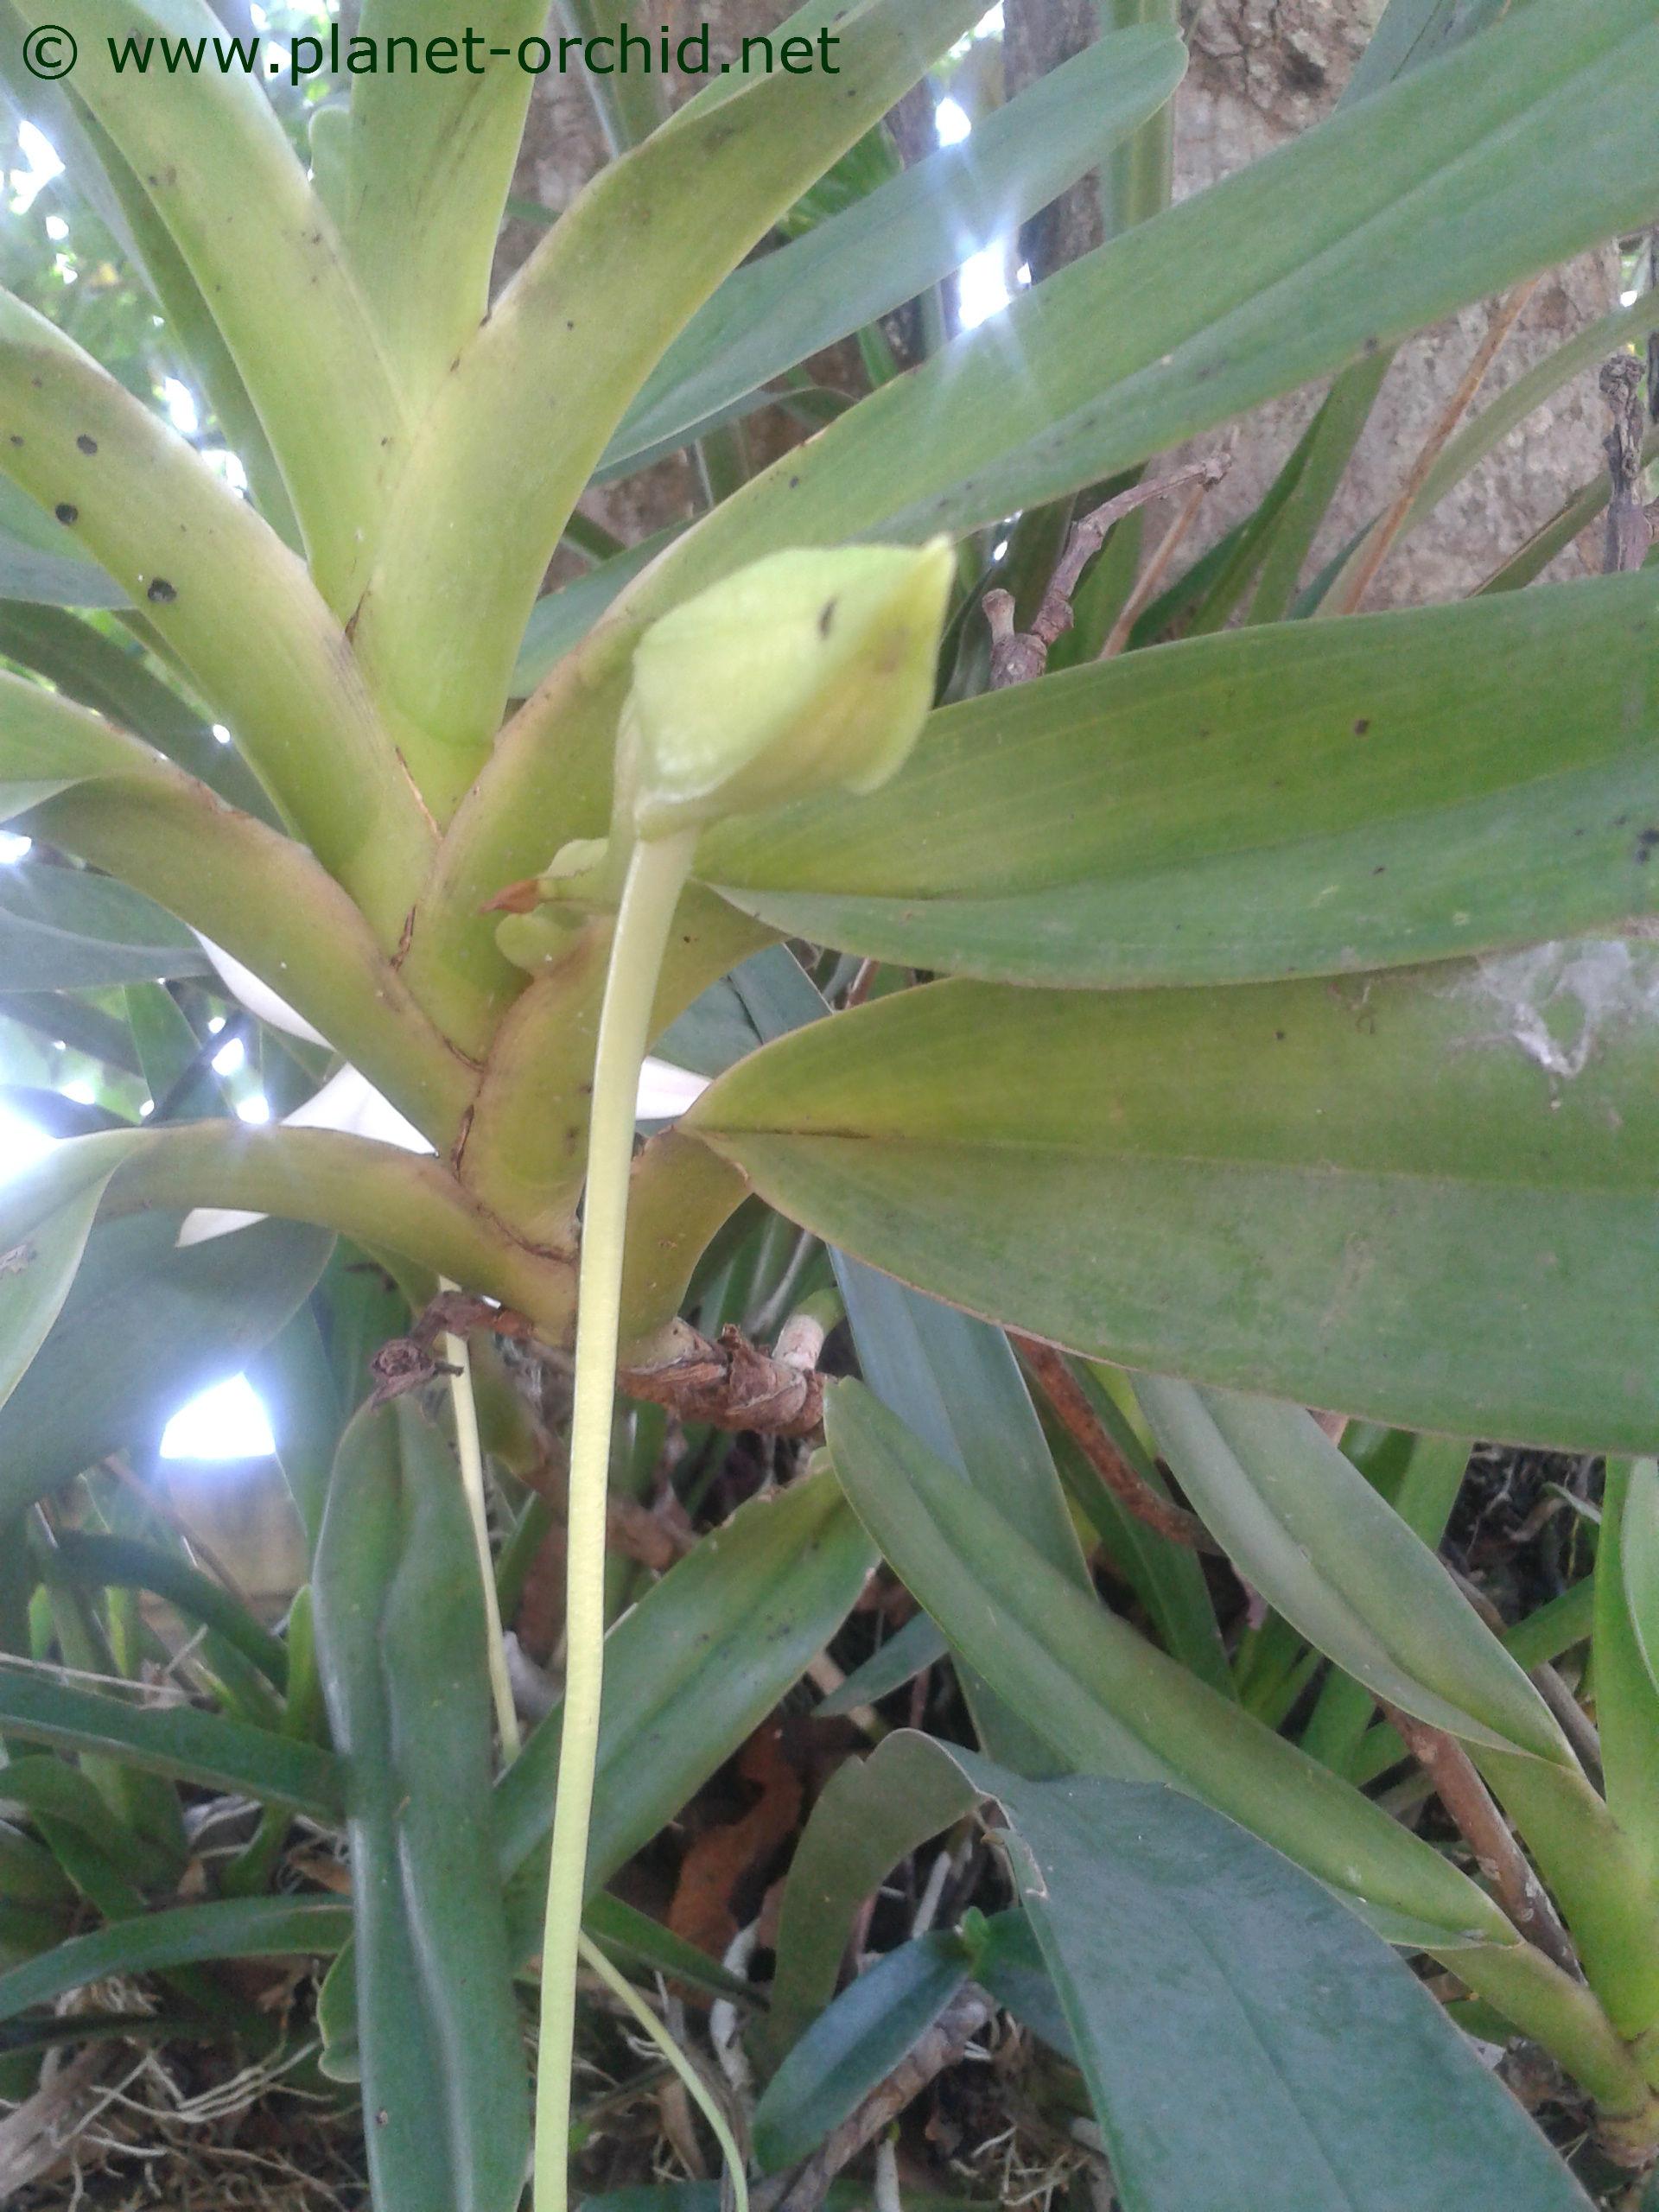 Faire refleurir une orchid e - Comment entretenir un orchidee ...